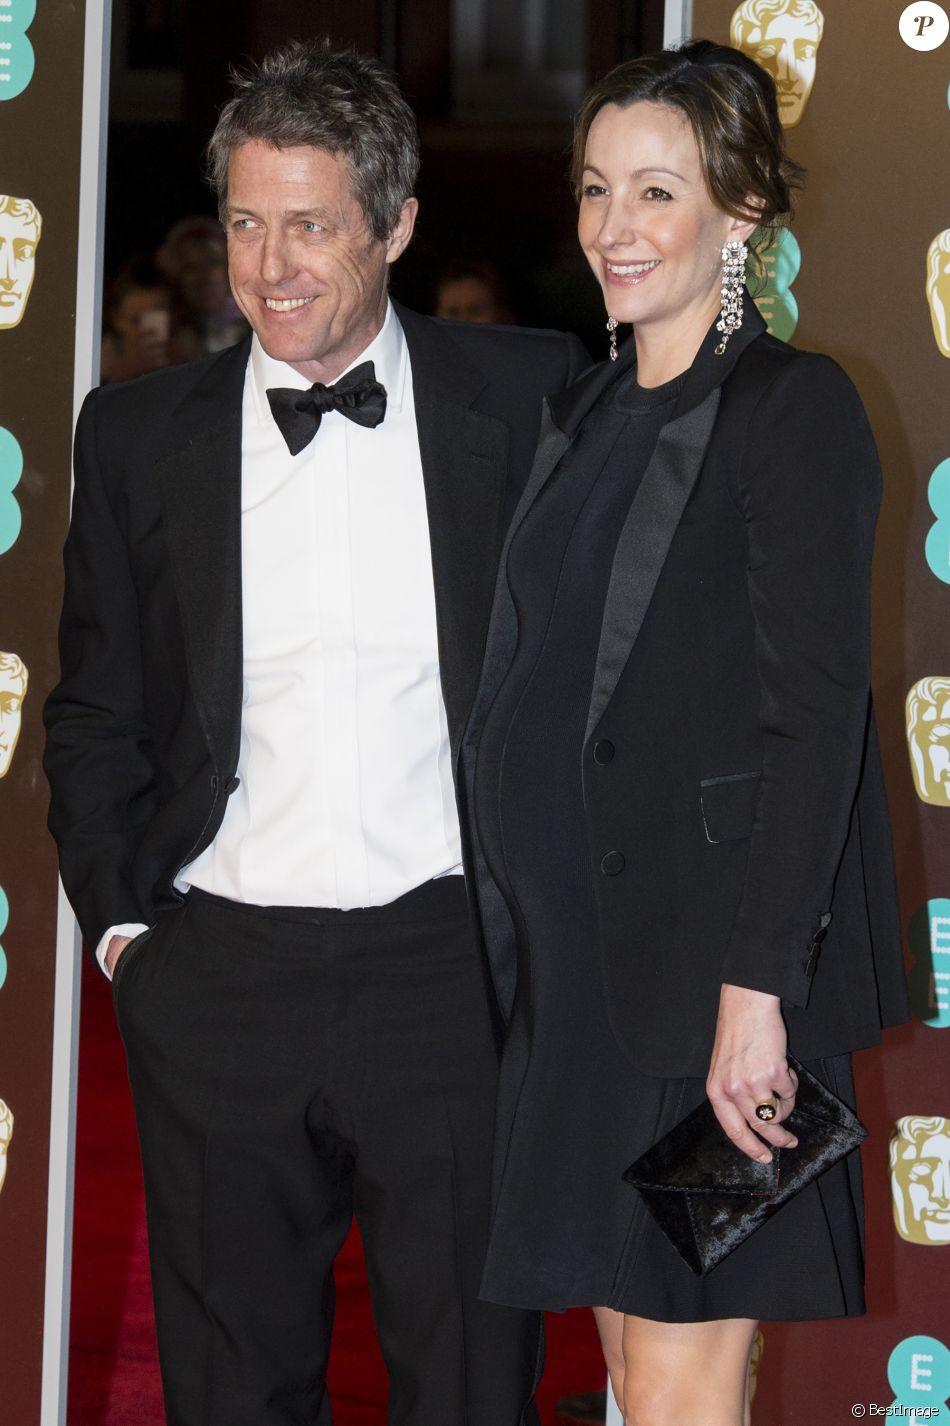 Hugh Grant et sa compagne Anna Eberstein (enceinte), à la 71ème cérémonie des British Academy Film Awards (BAFTA) au Royal Abert Hall à Londres, le 18 février 2018. © Ray Tang via Zuma Press/Bestimage